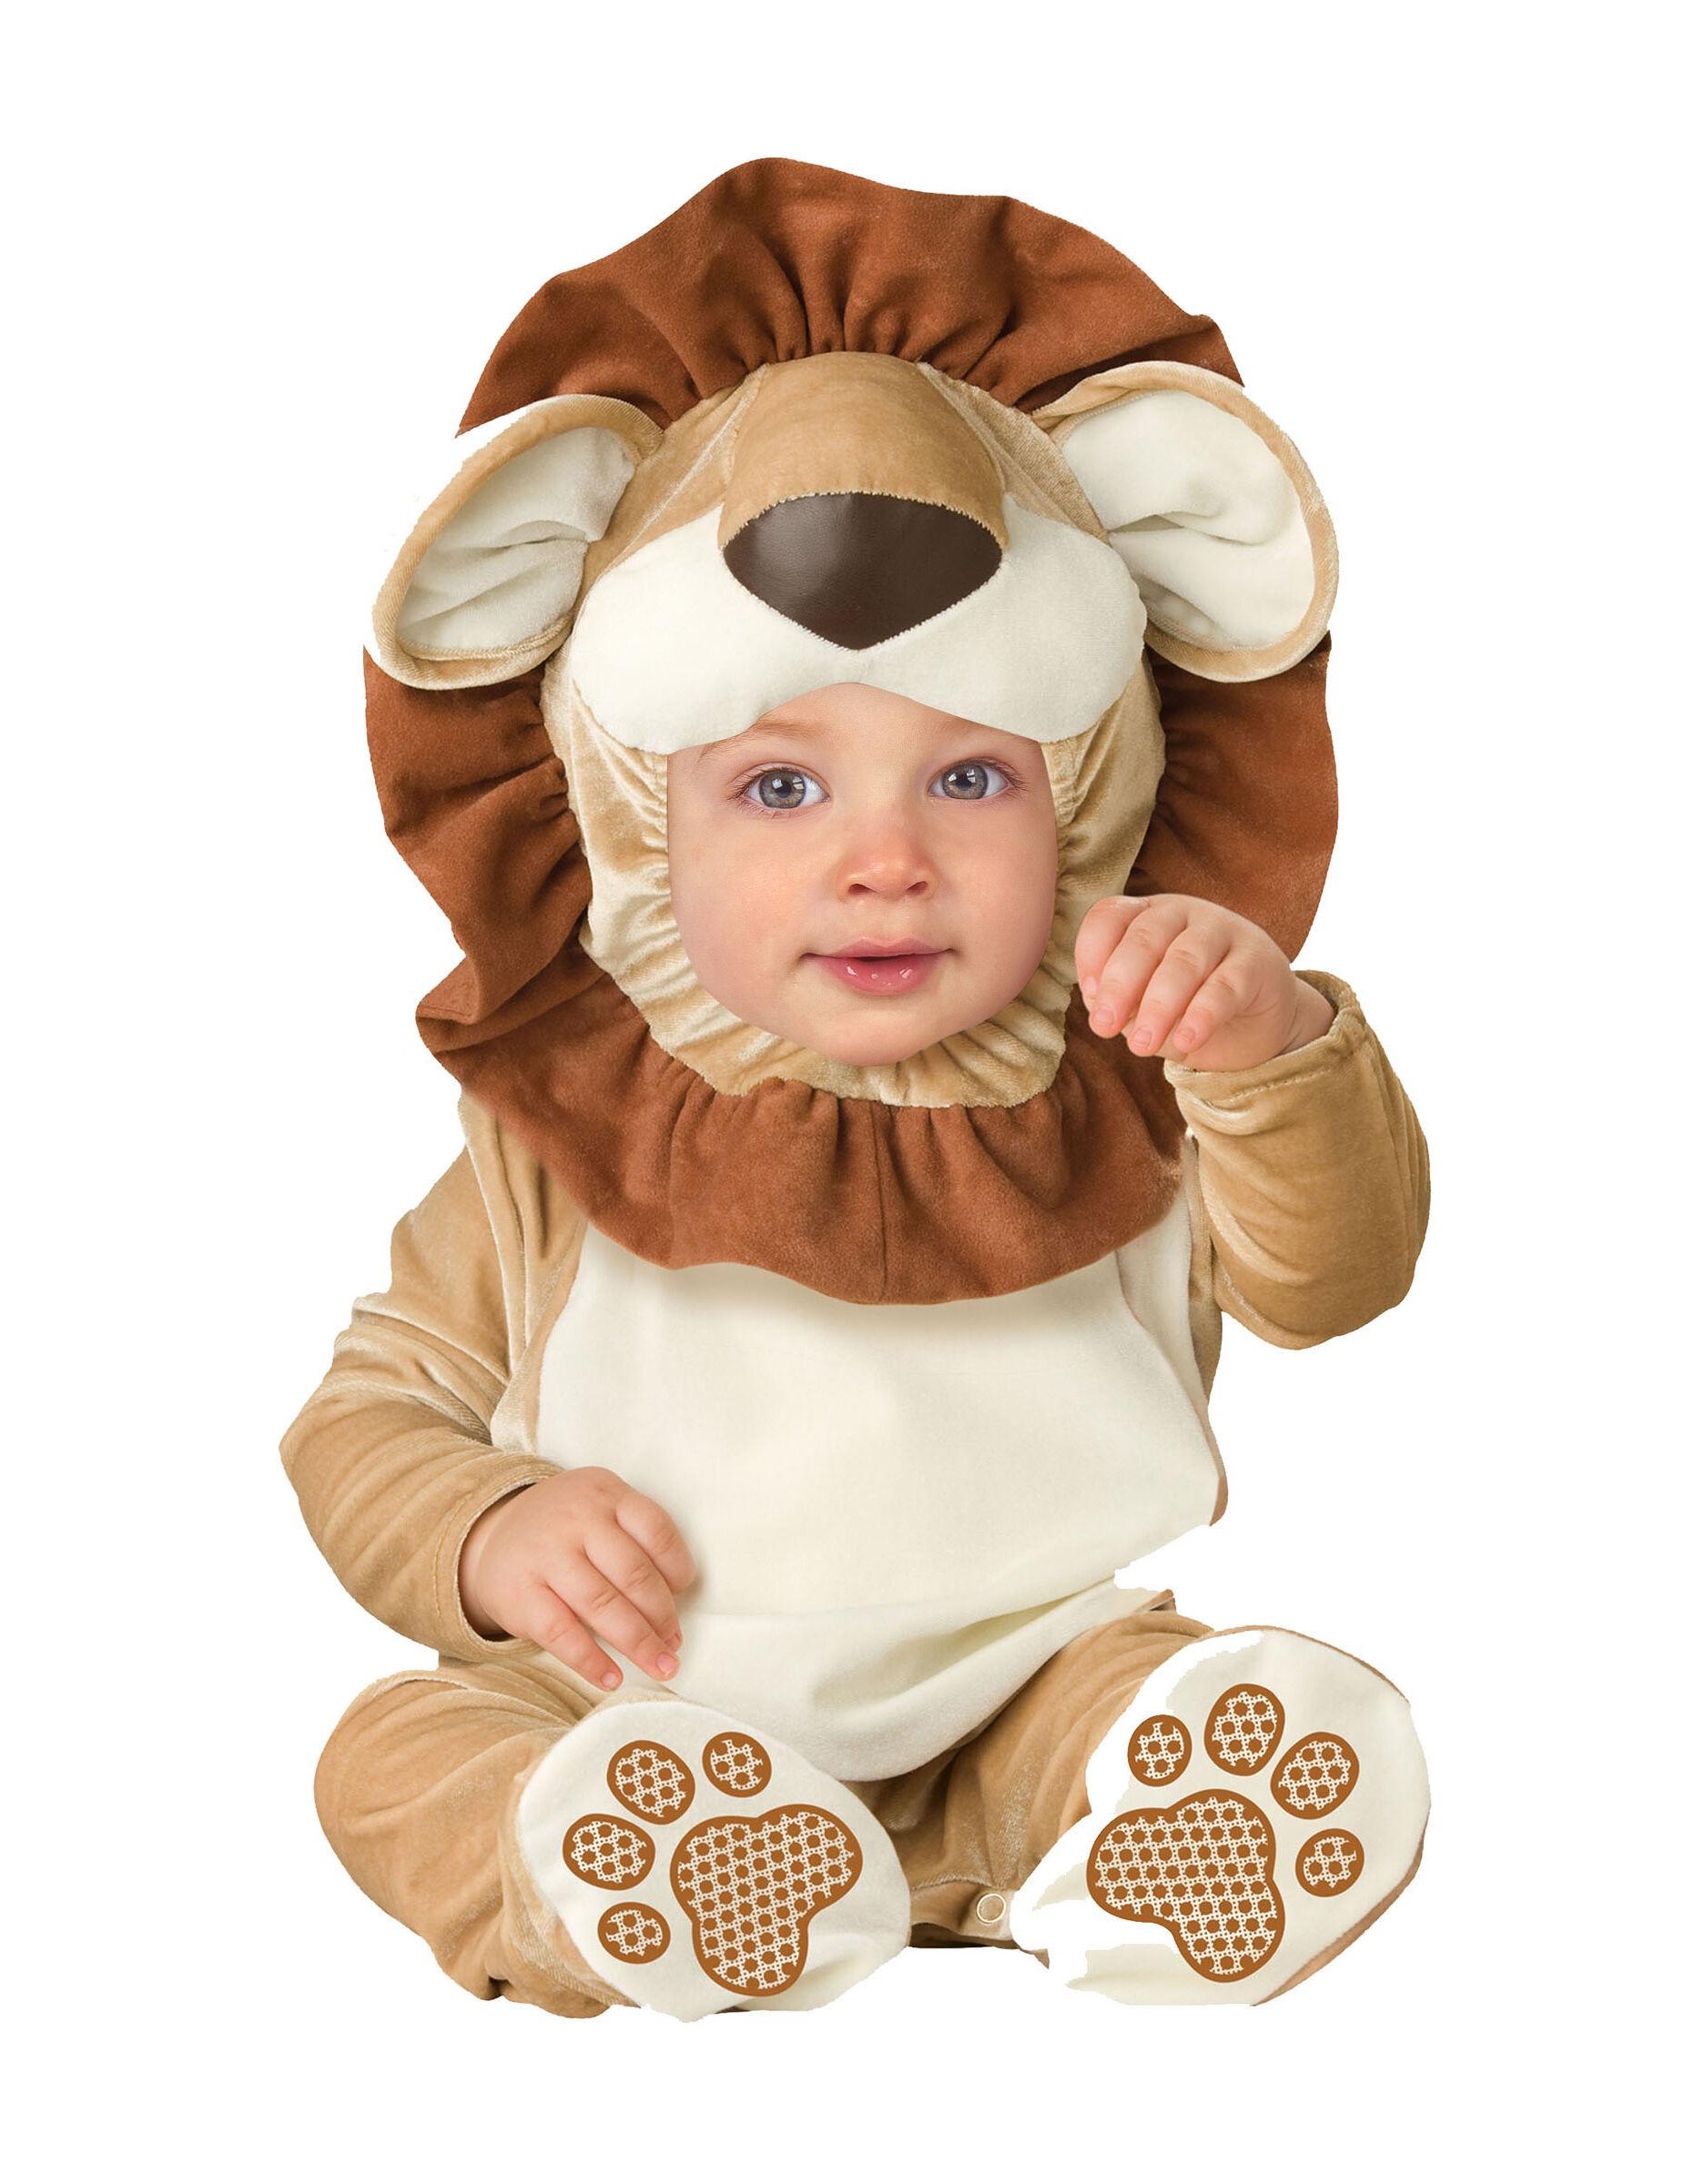 Deguisetoi Déguisement Lion pour bébé - Classique - Taille: 0-6 mois (58-66 cm)